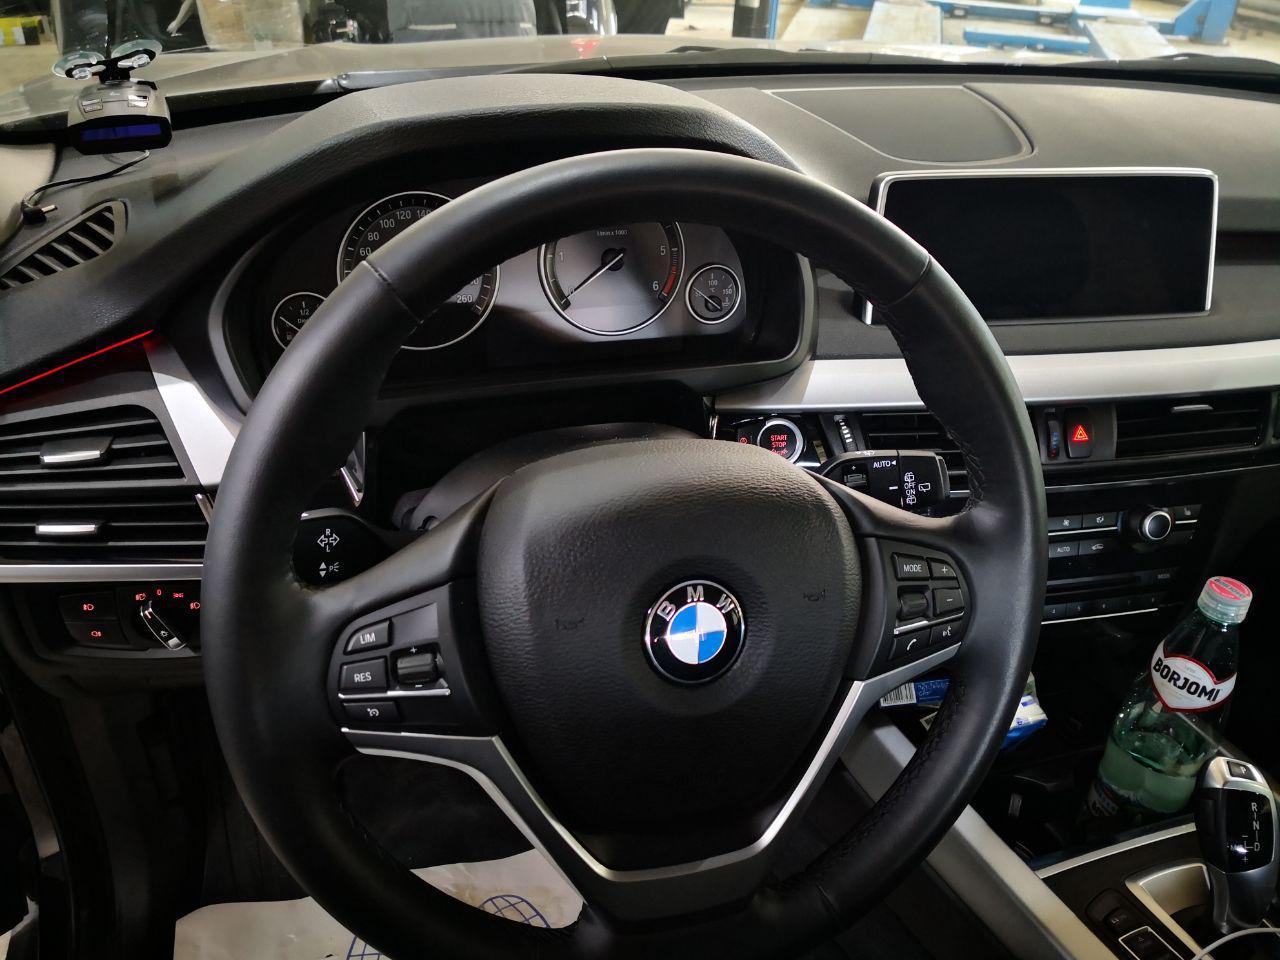 стоковый руль и панель приборов, BMW F16